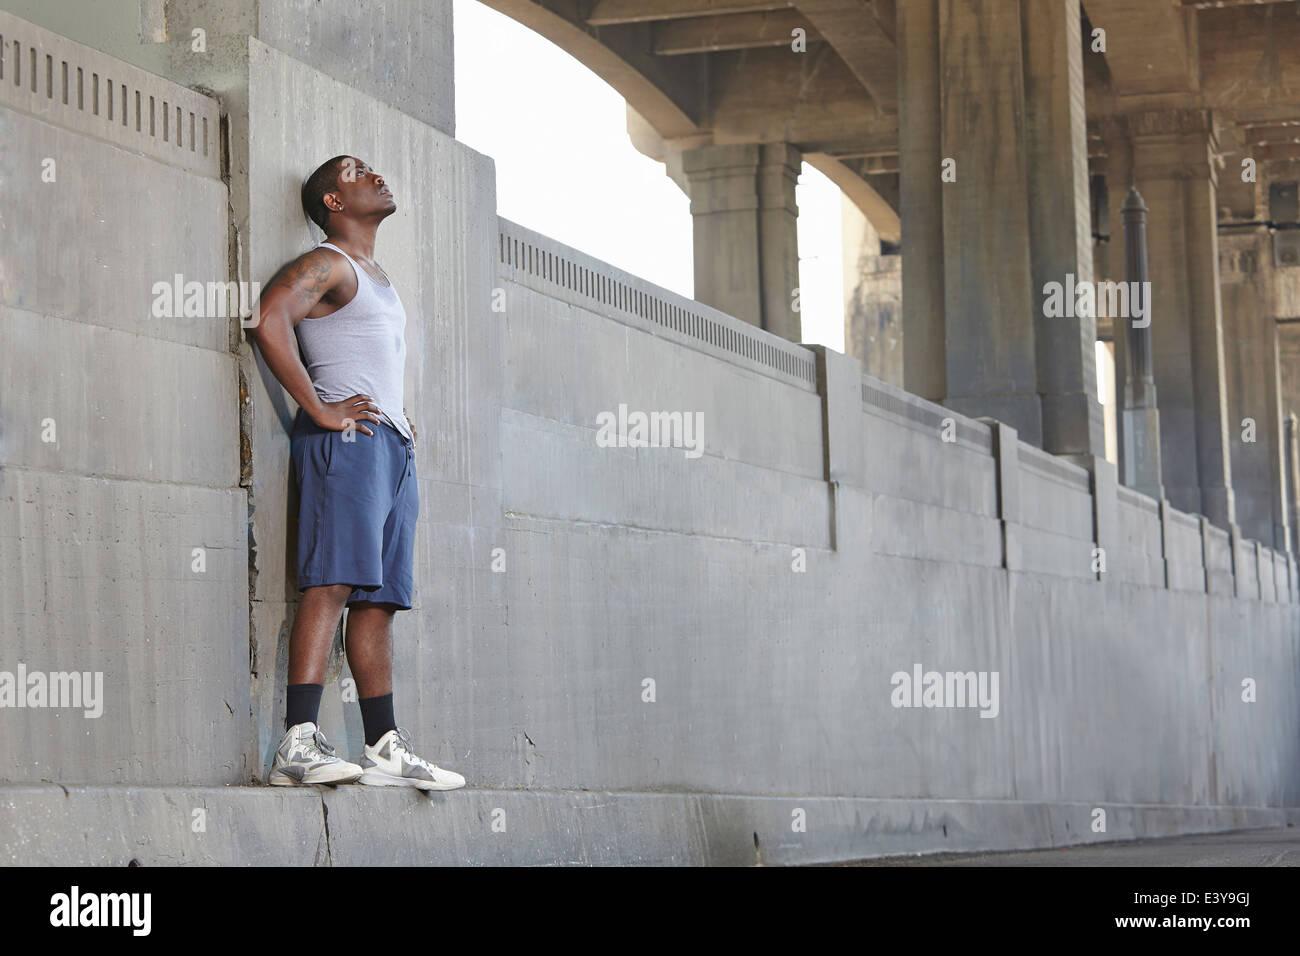 Épuisé young male runner appuyé contre city bridge Photo Stock